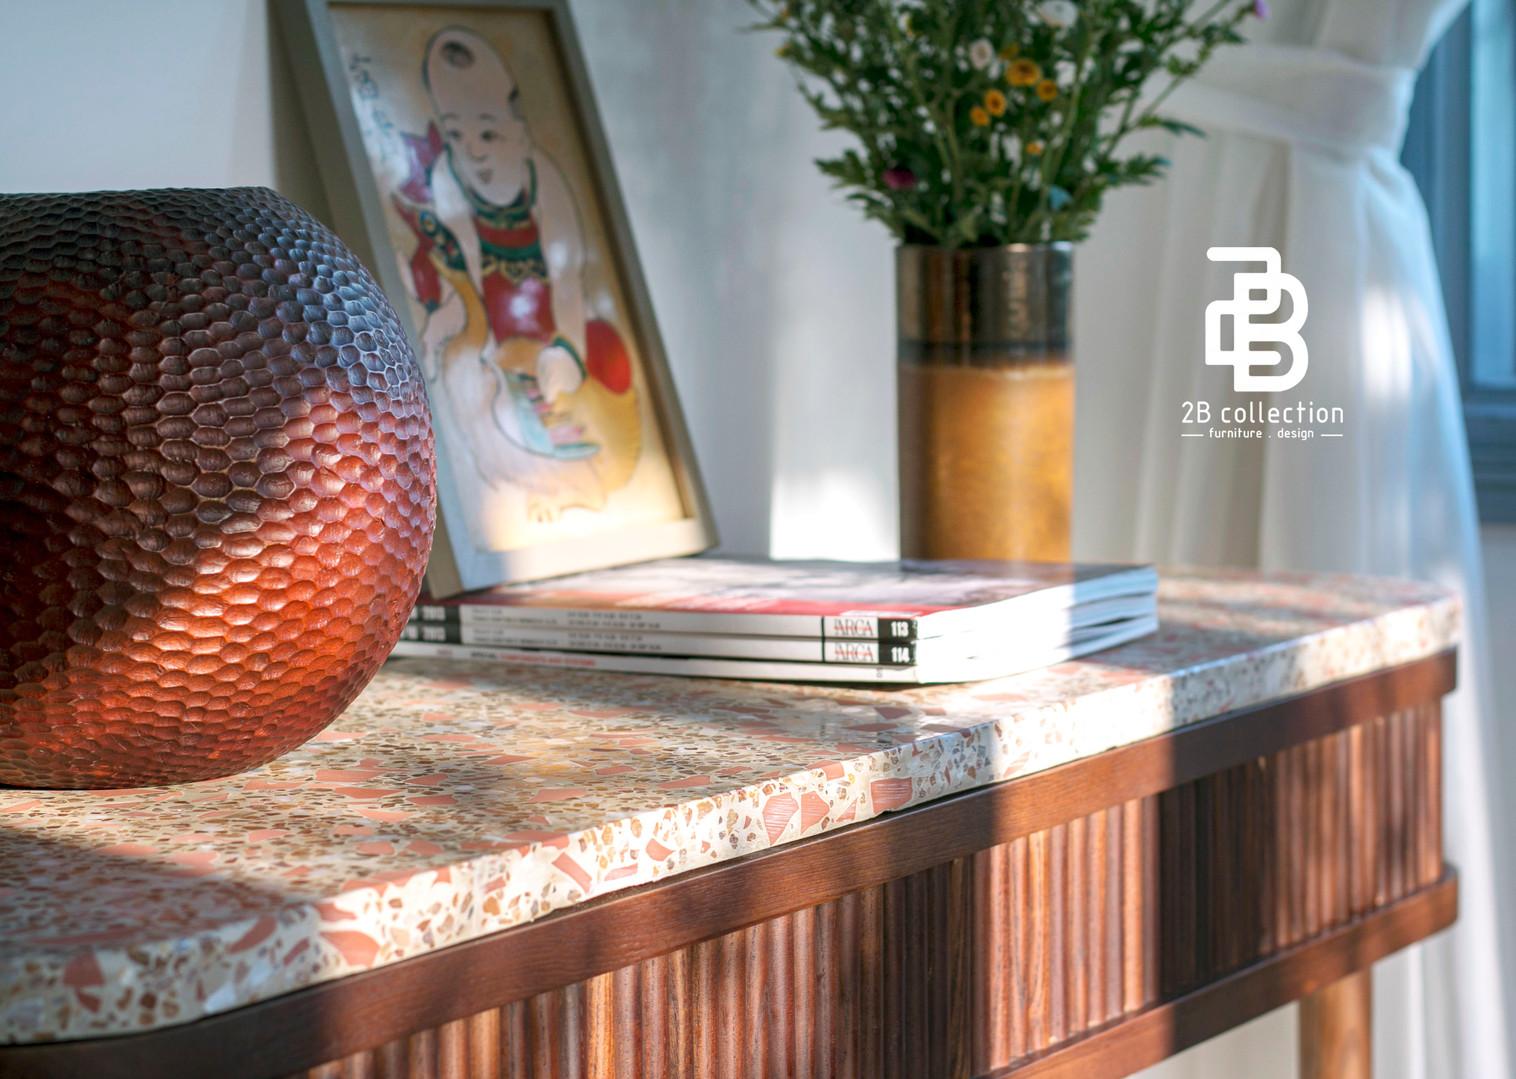 Terrazzo Terra-cotta console decor